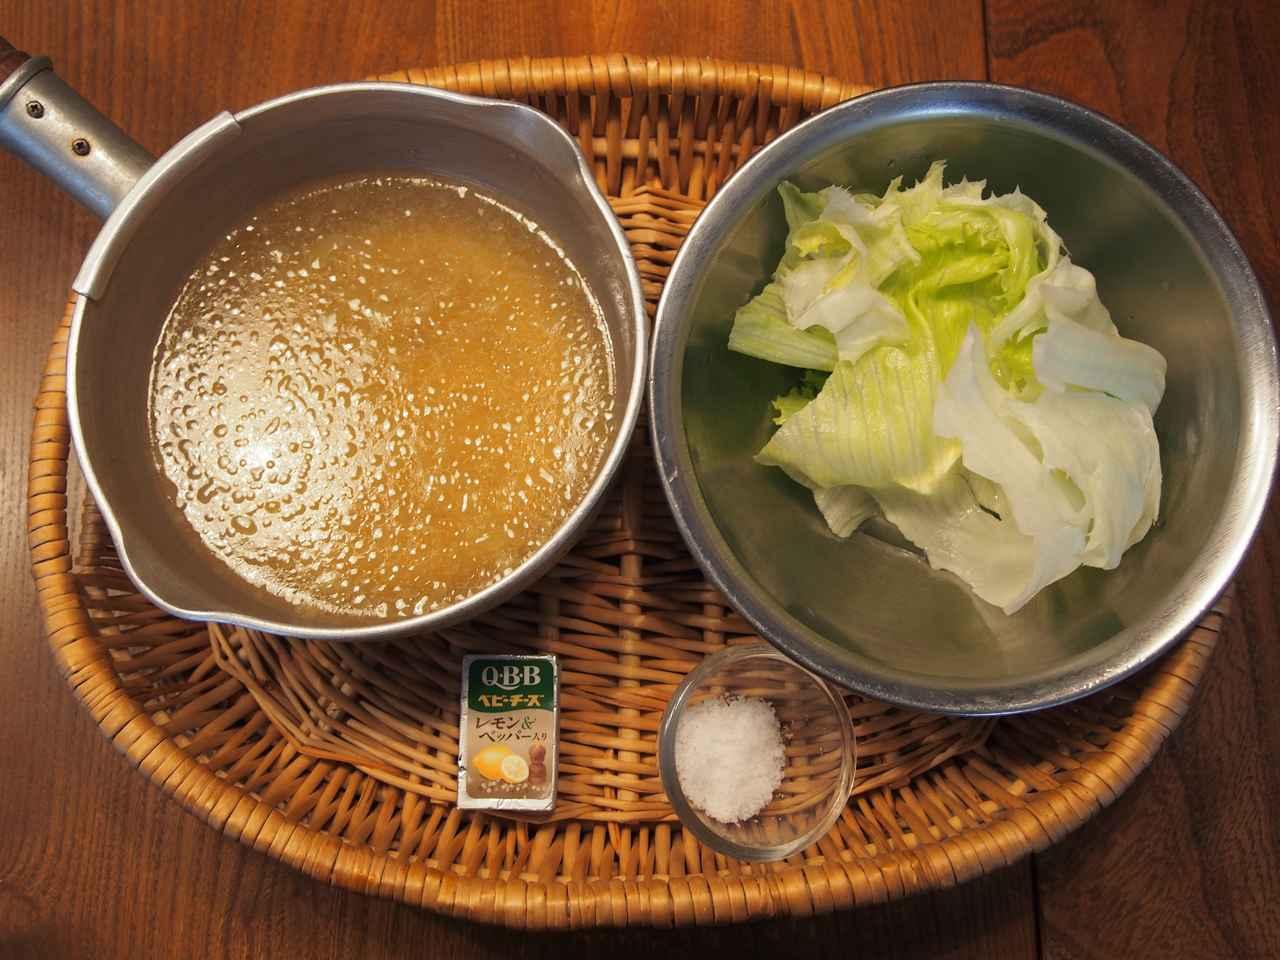 画像1: レタスとレモンチーズのスープ